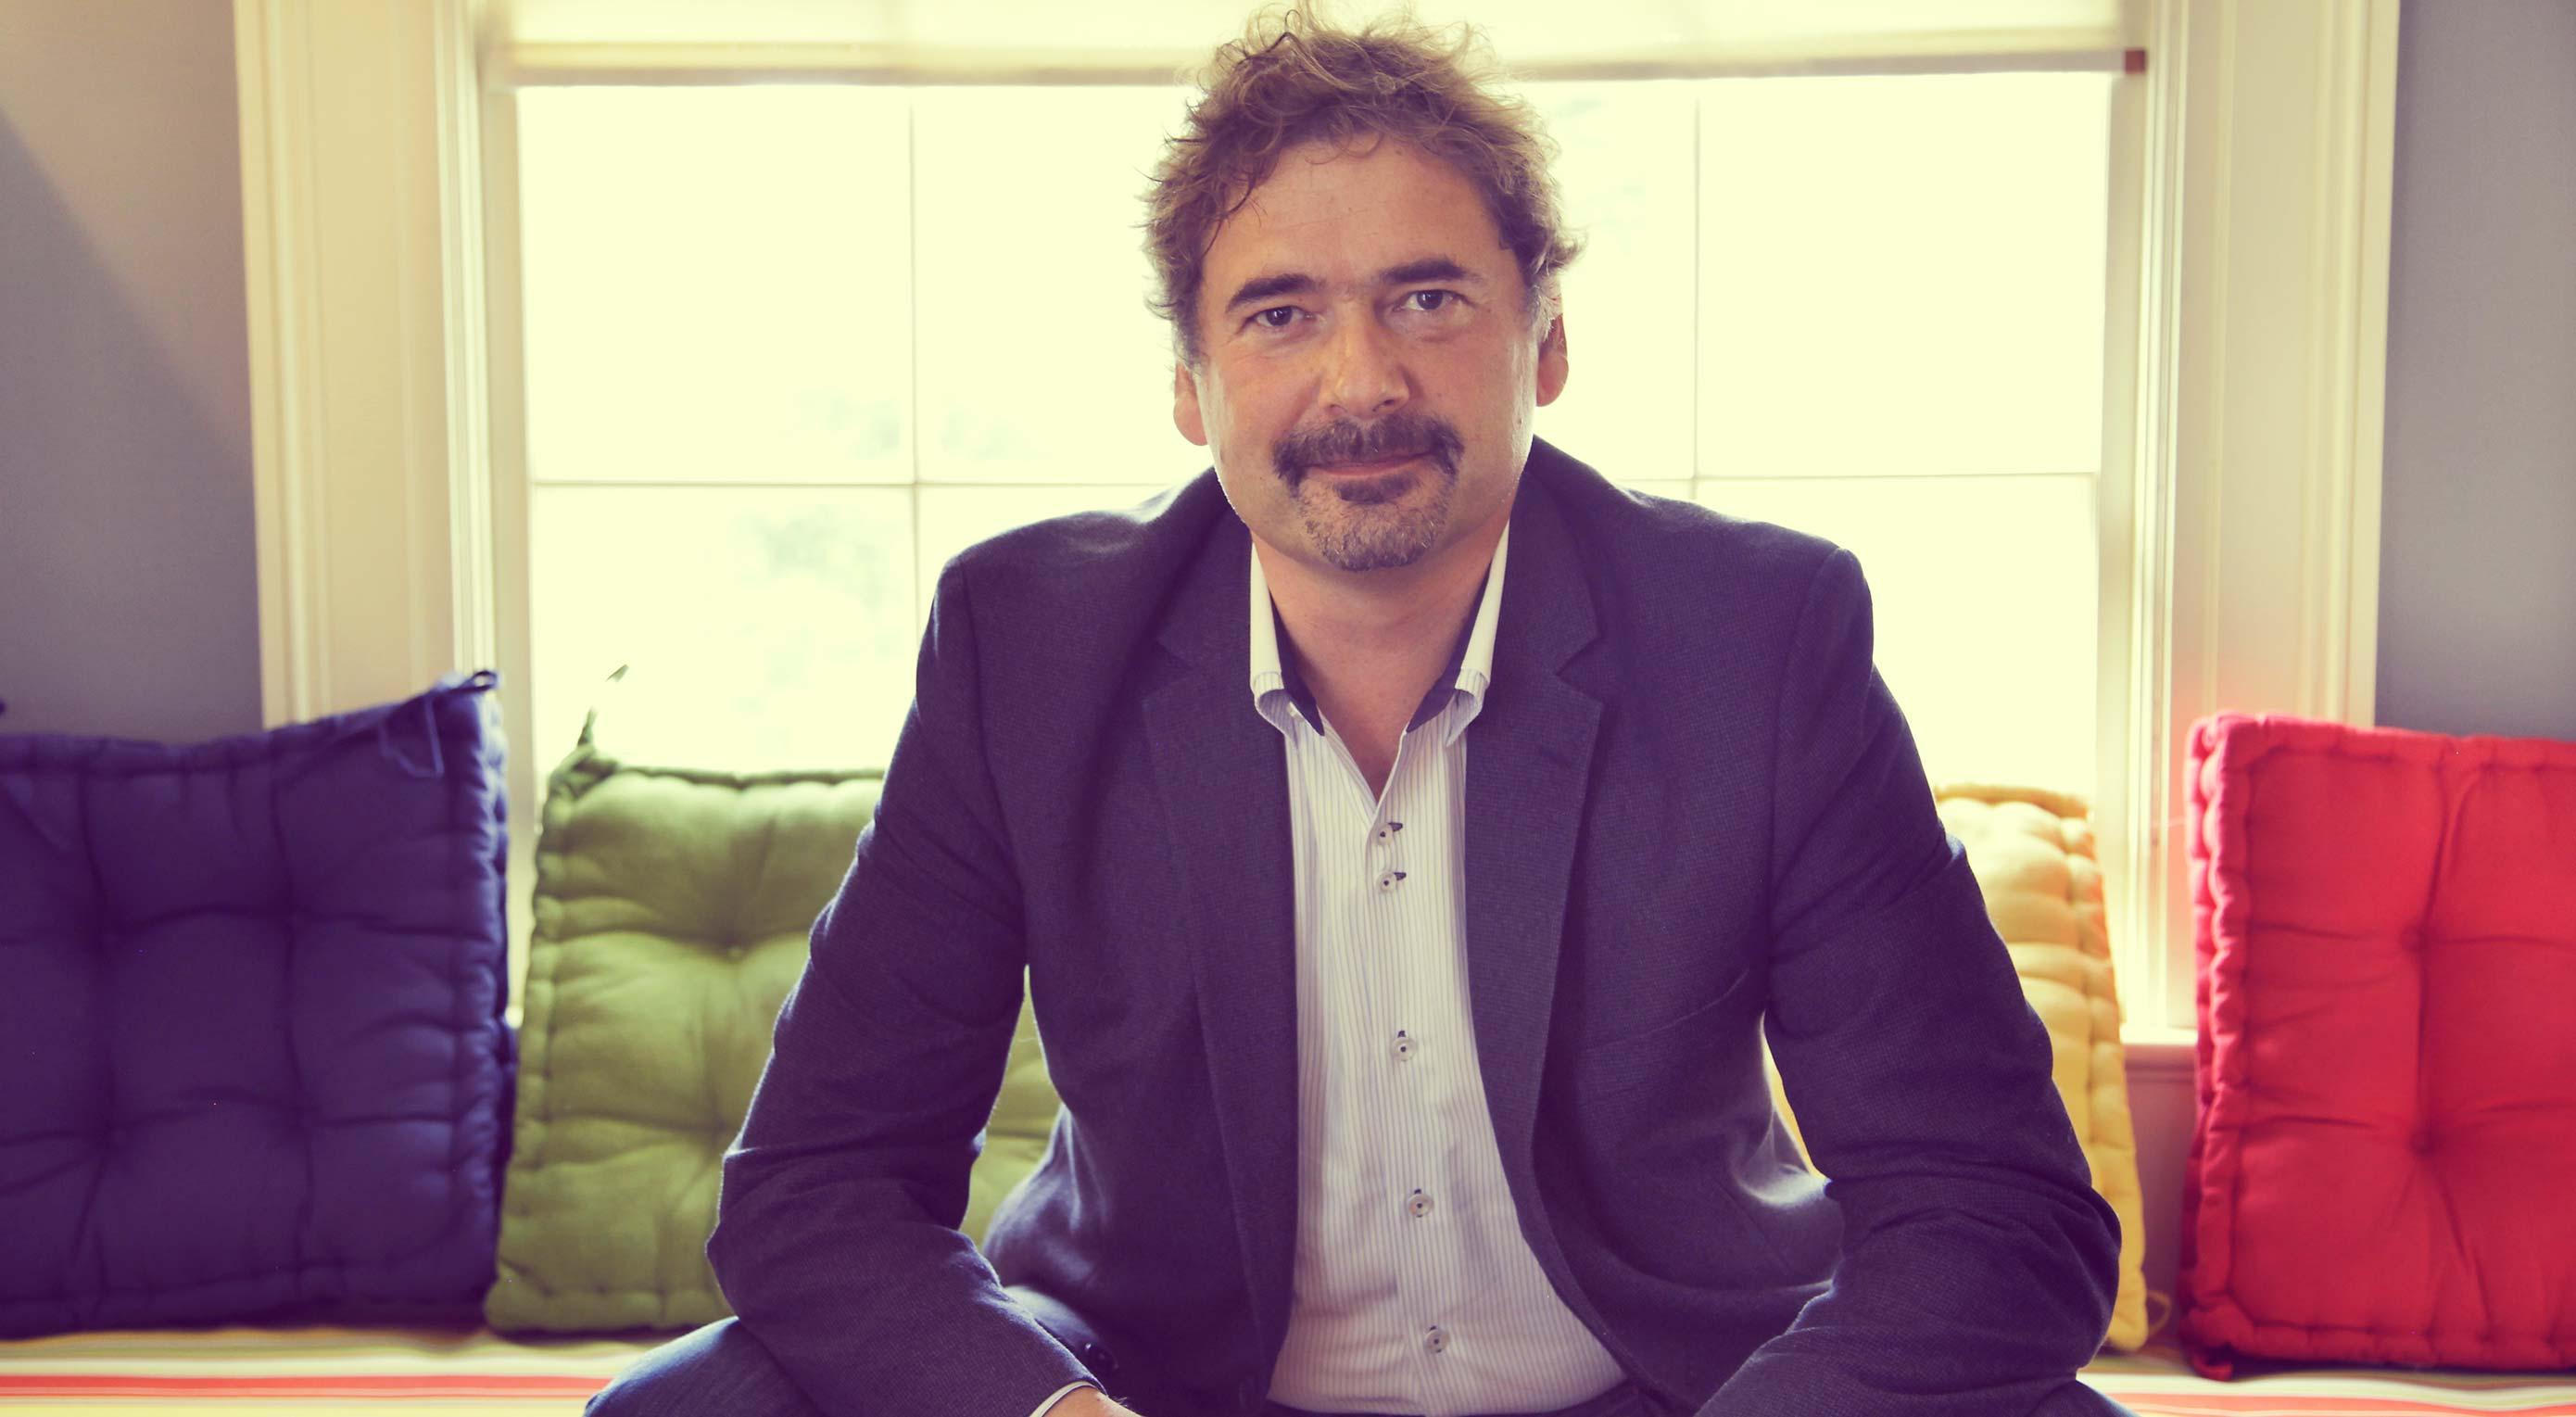 The big interview: Jon von Tzetchner talks Vivaldi